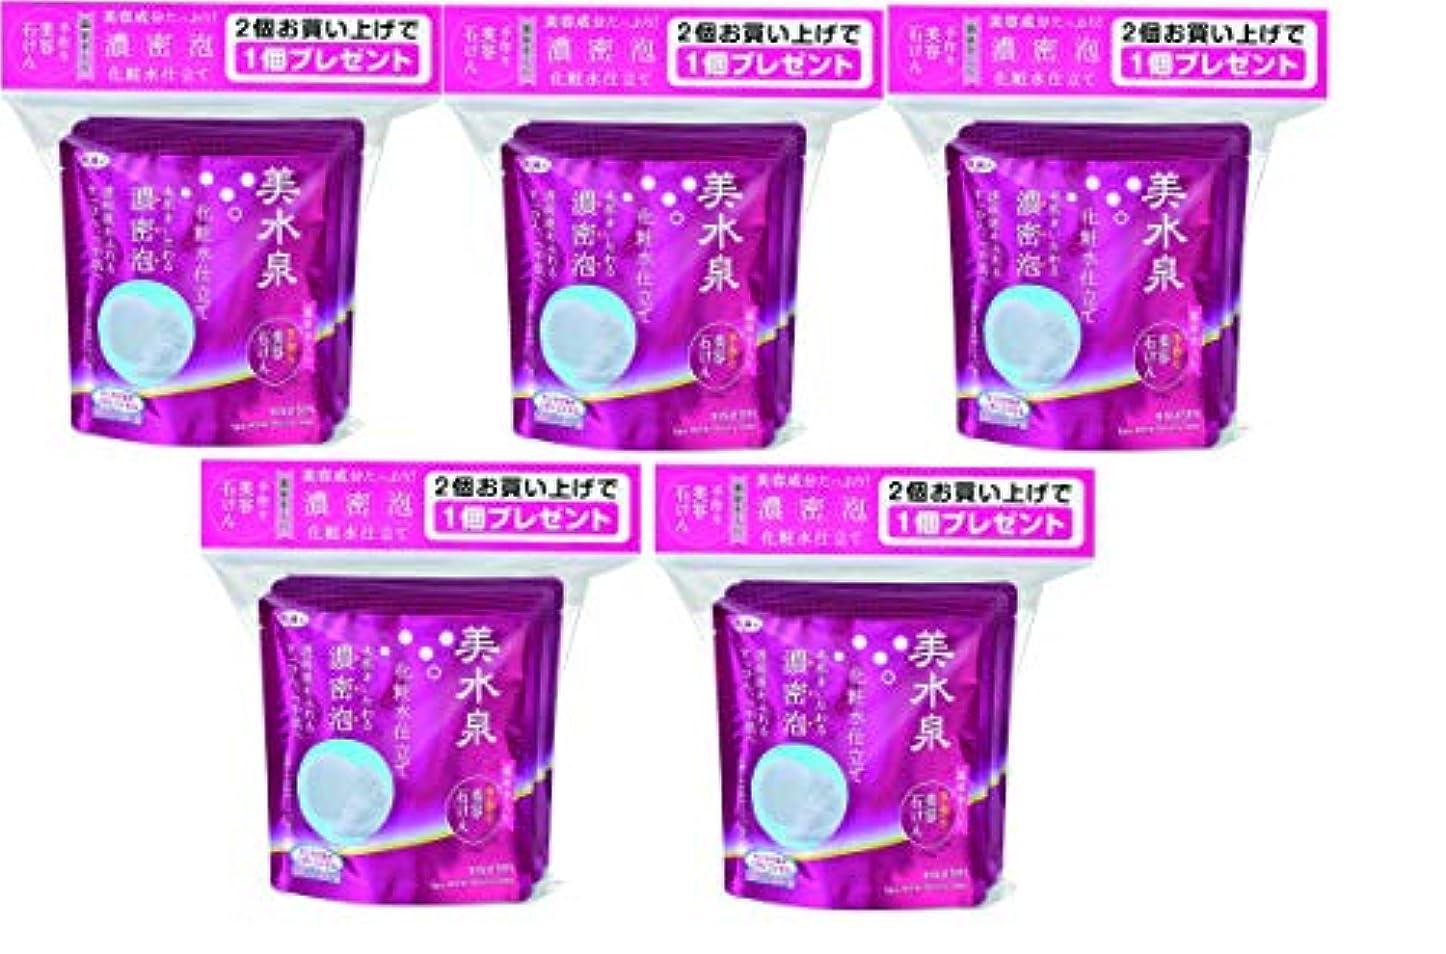 ハブブジュラシックパーク旅行者美水泉 手作り美容石けんお得な3個入り ×5 (15個入り!)